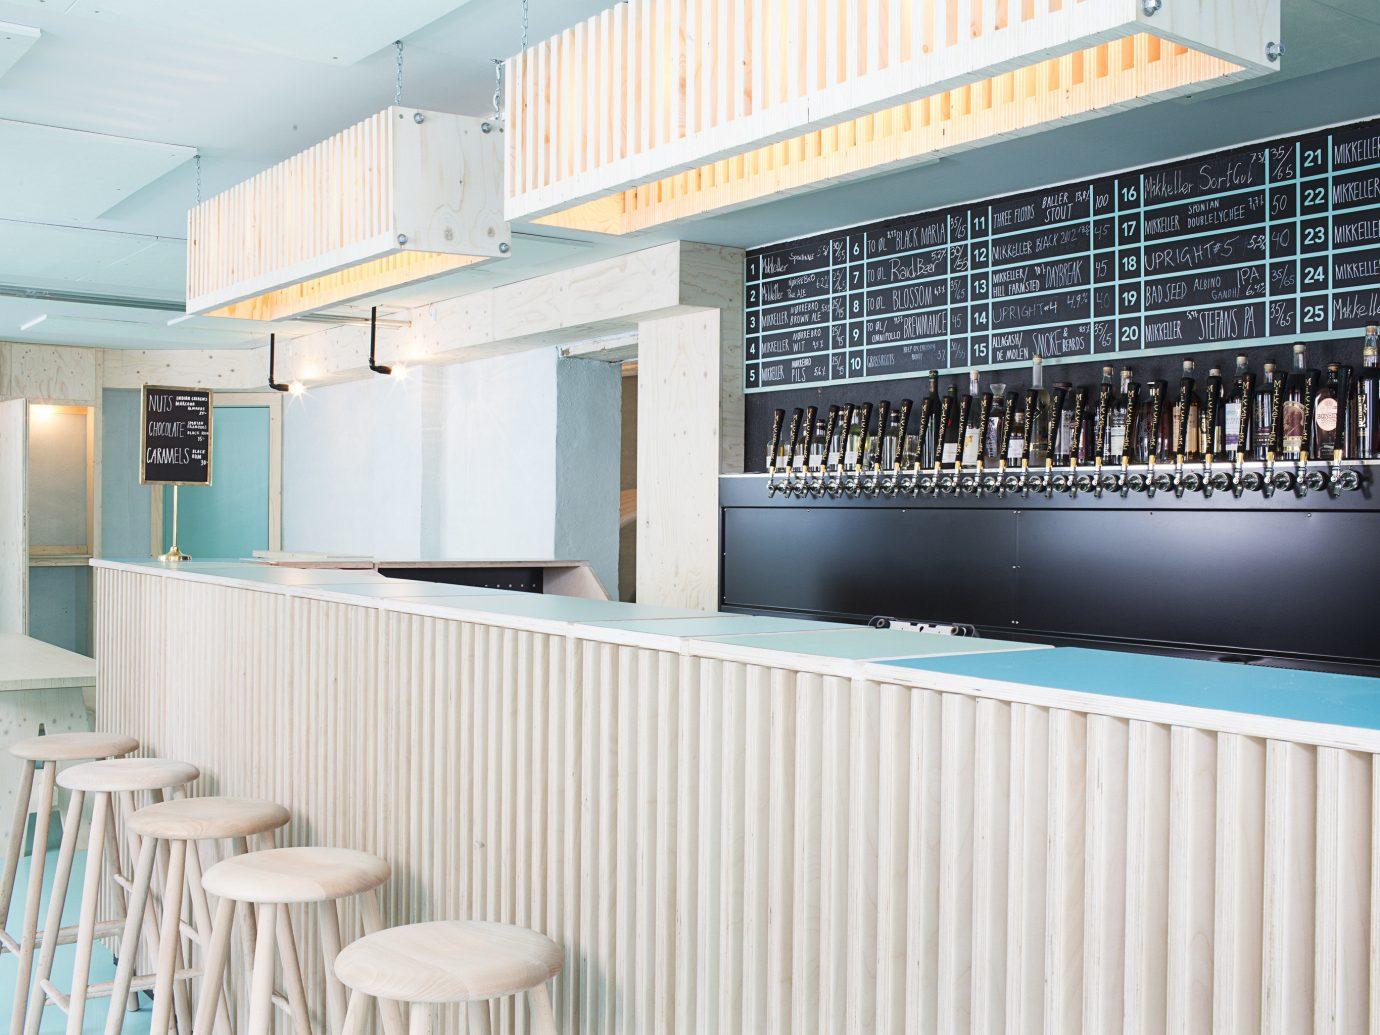 Copenhagen Denmark Trip Ideas Architecture interior design daylighting leisure centre furniture ceiling